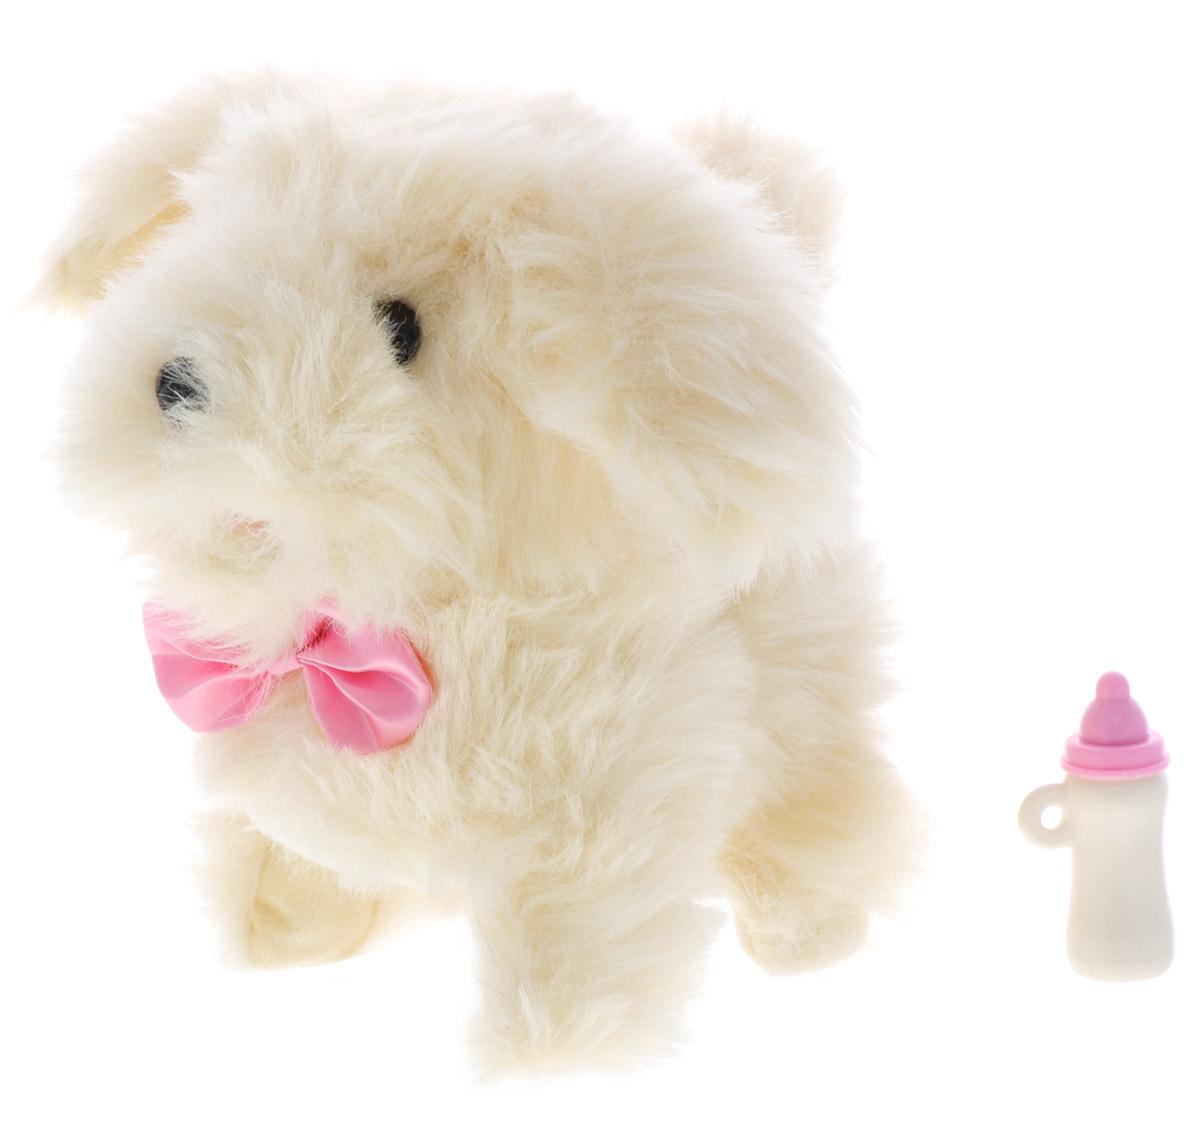 Играем вместе Интерактивный щенок Микки цвет бежевыйJX-2409-RU_бежевыйИнтерактивный щенок Микки выполняет 7 функций. Он умеет ходить вперед и назад, вилять хвостом, а еще двигать головой и лаять. Ребенок сможет кормить интерактивную собаку из бутылочки, в то время как Микки будет умилительно причмокивать, как самый настоящий щеночек. У Микки густая и очень приятная на ощупь шерсть, поэтому его так здорово расчесывать и гладить по спинке. Играя с интерактивным щеночком, ребенок научится заботиться о животных, быть к ним добрее и внимательнее. Для работы игрушки необходимы 2 батарейки типа АА (товар комплектуется демонстрационными).